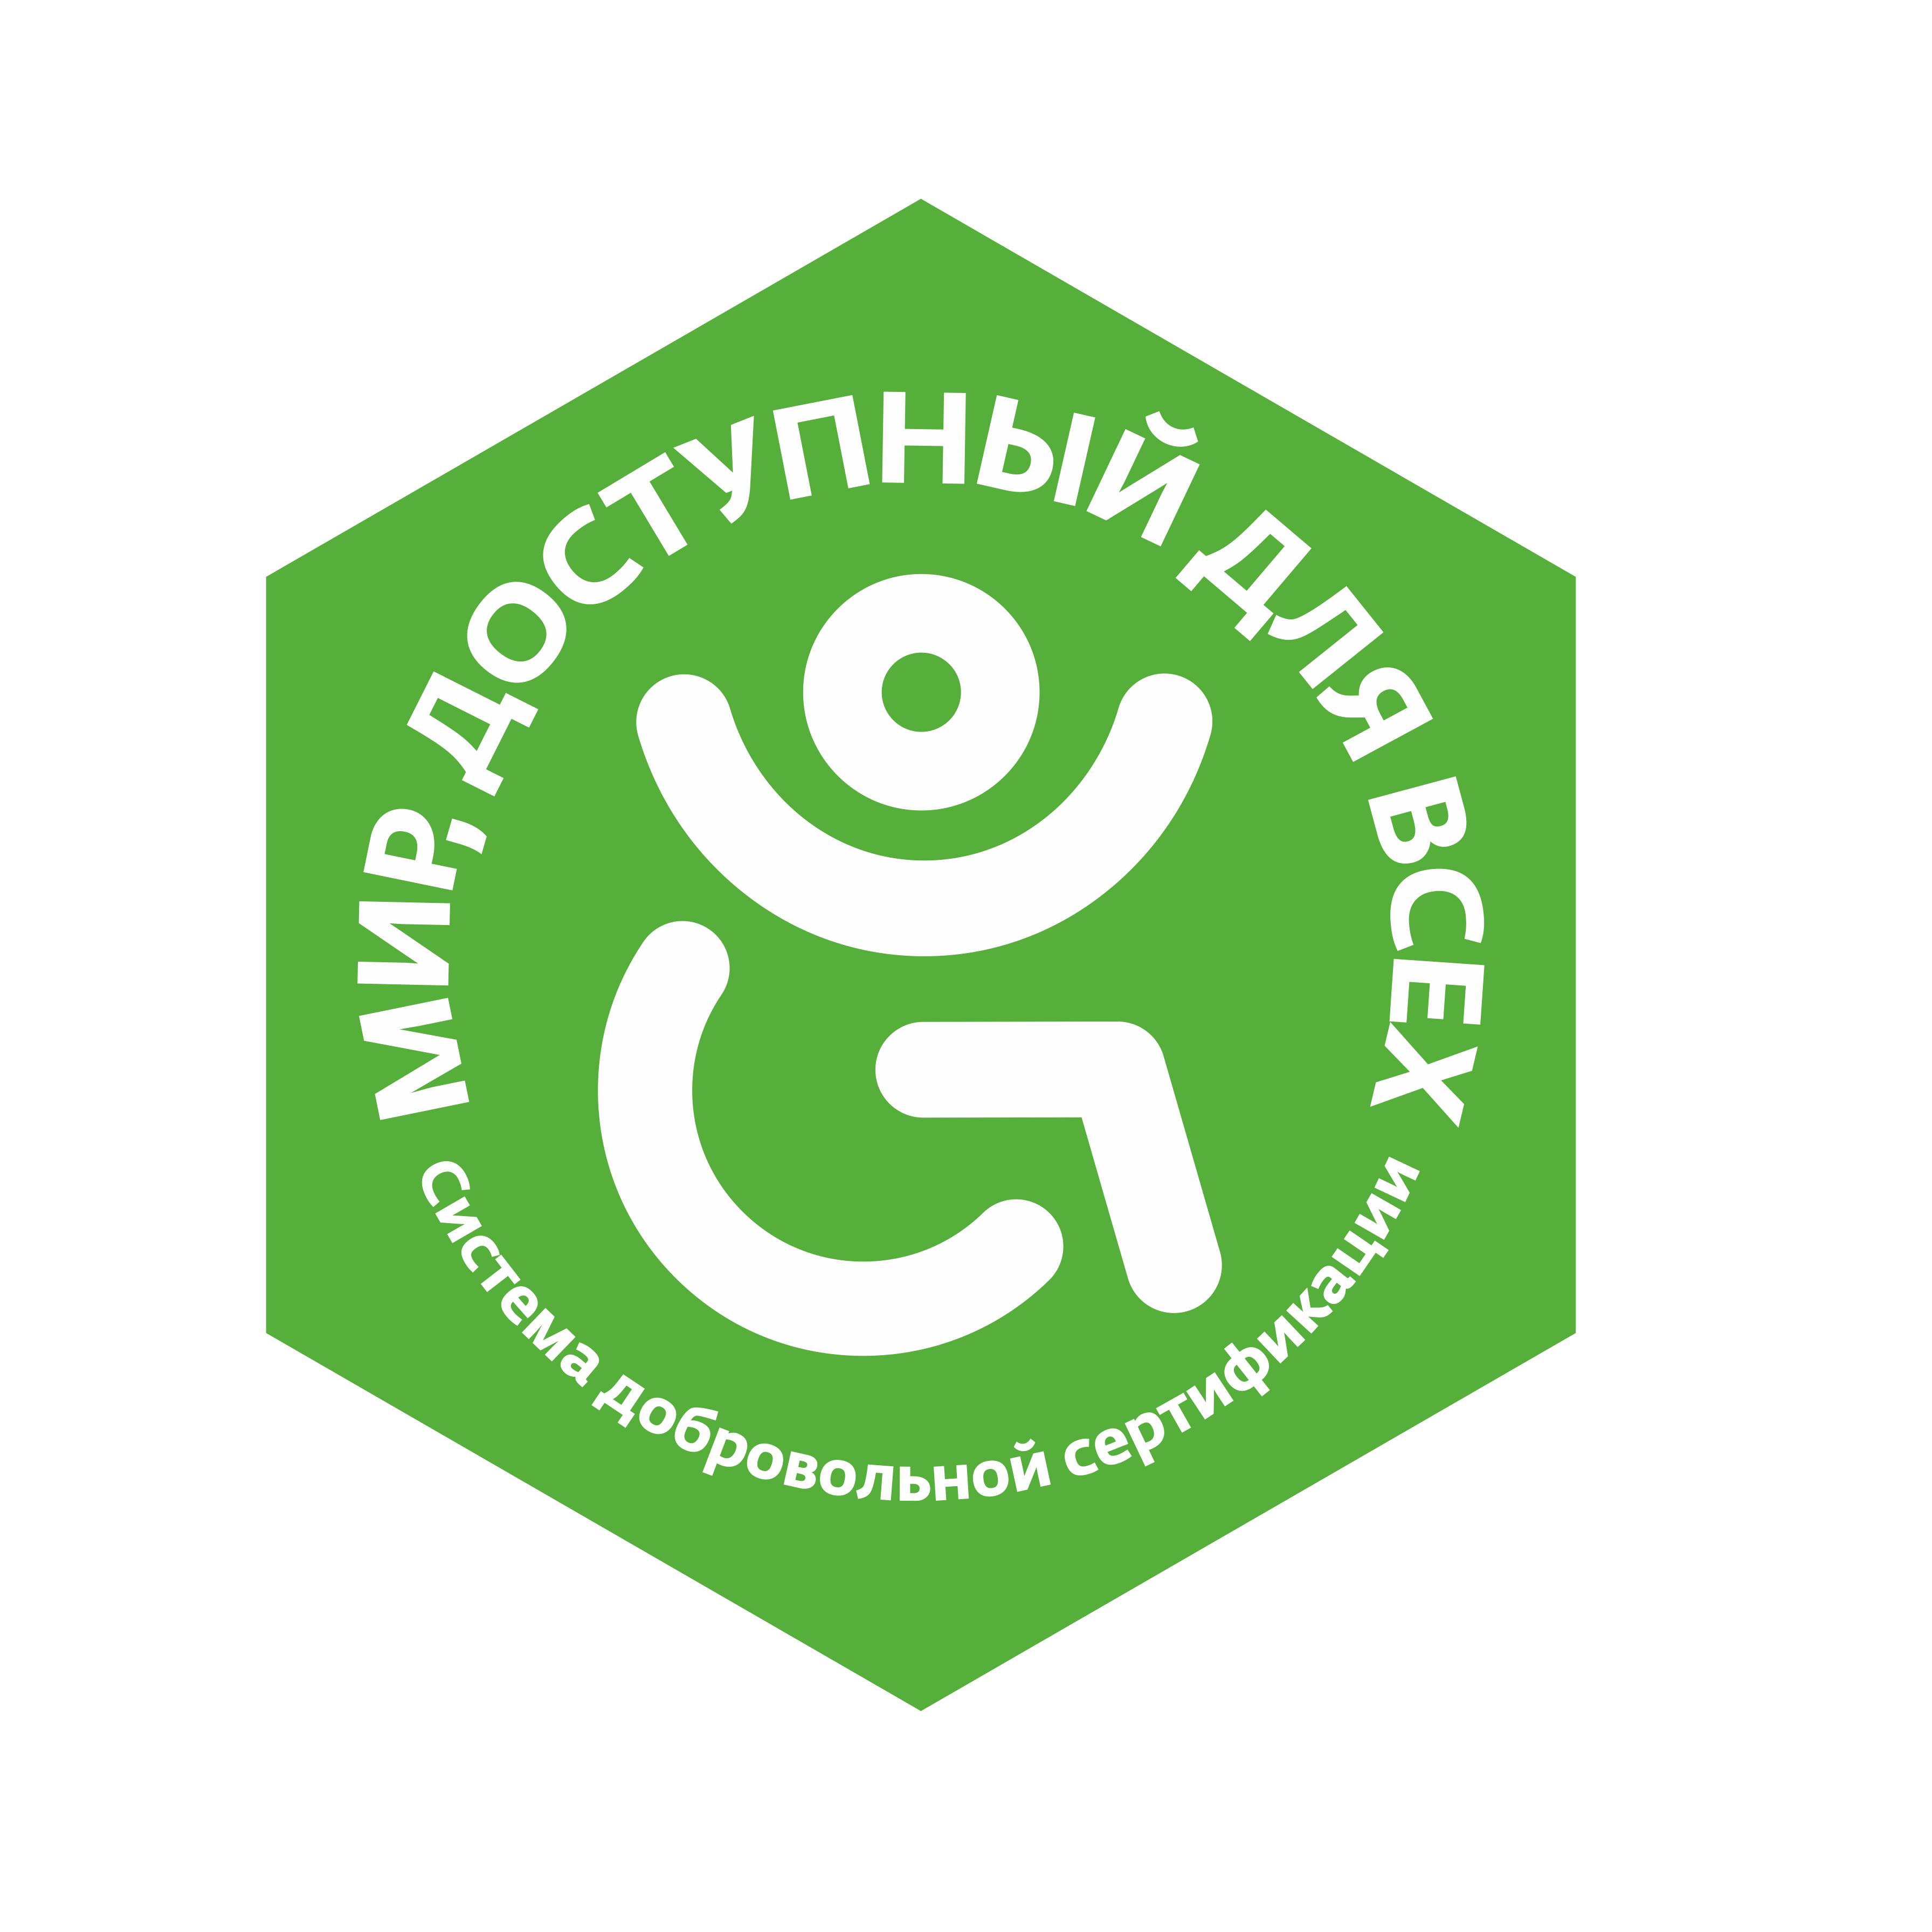 В Подмосковье пройдет семинар Центра ВОИ «Общество для всех» «Подготовка экспертов в Системе добровольной сертификации «МИР, ДОСТУПНЫЙ ДЛЯ ВСЕХ»